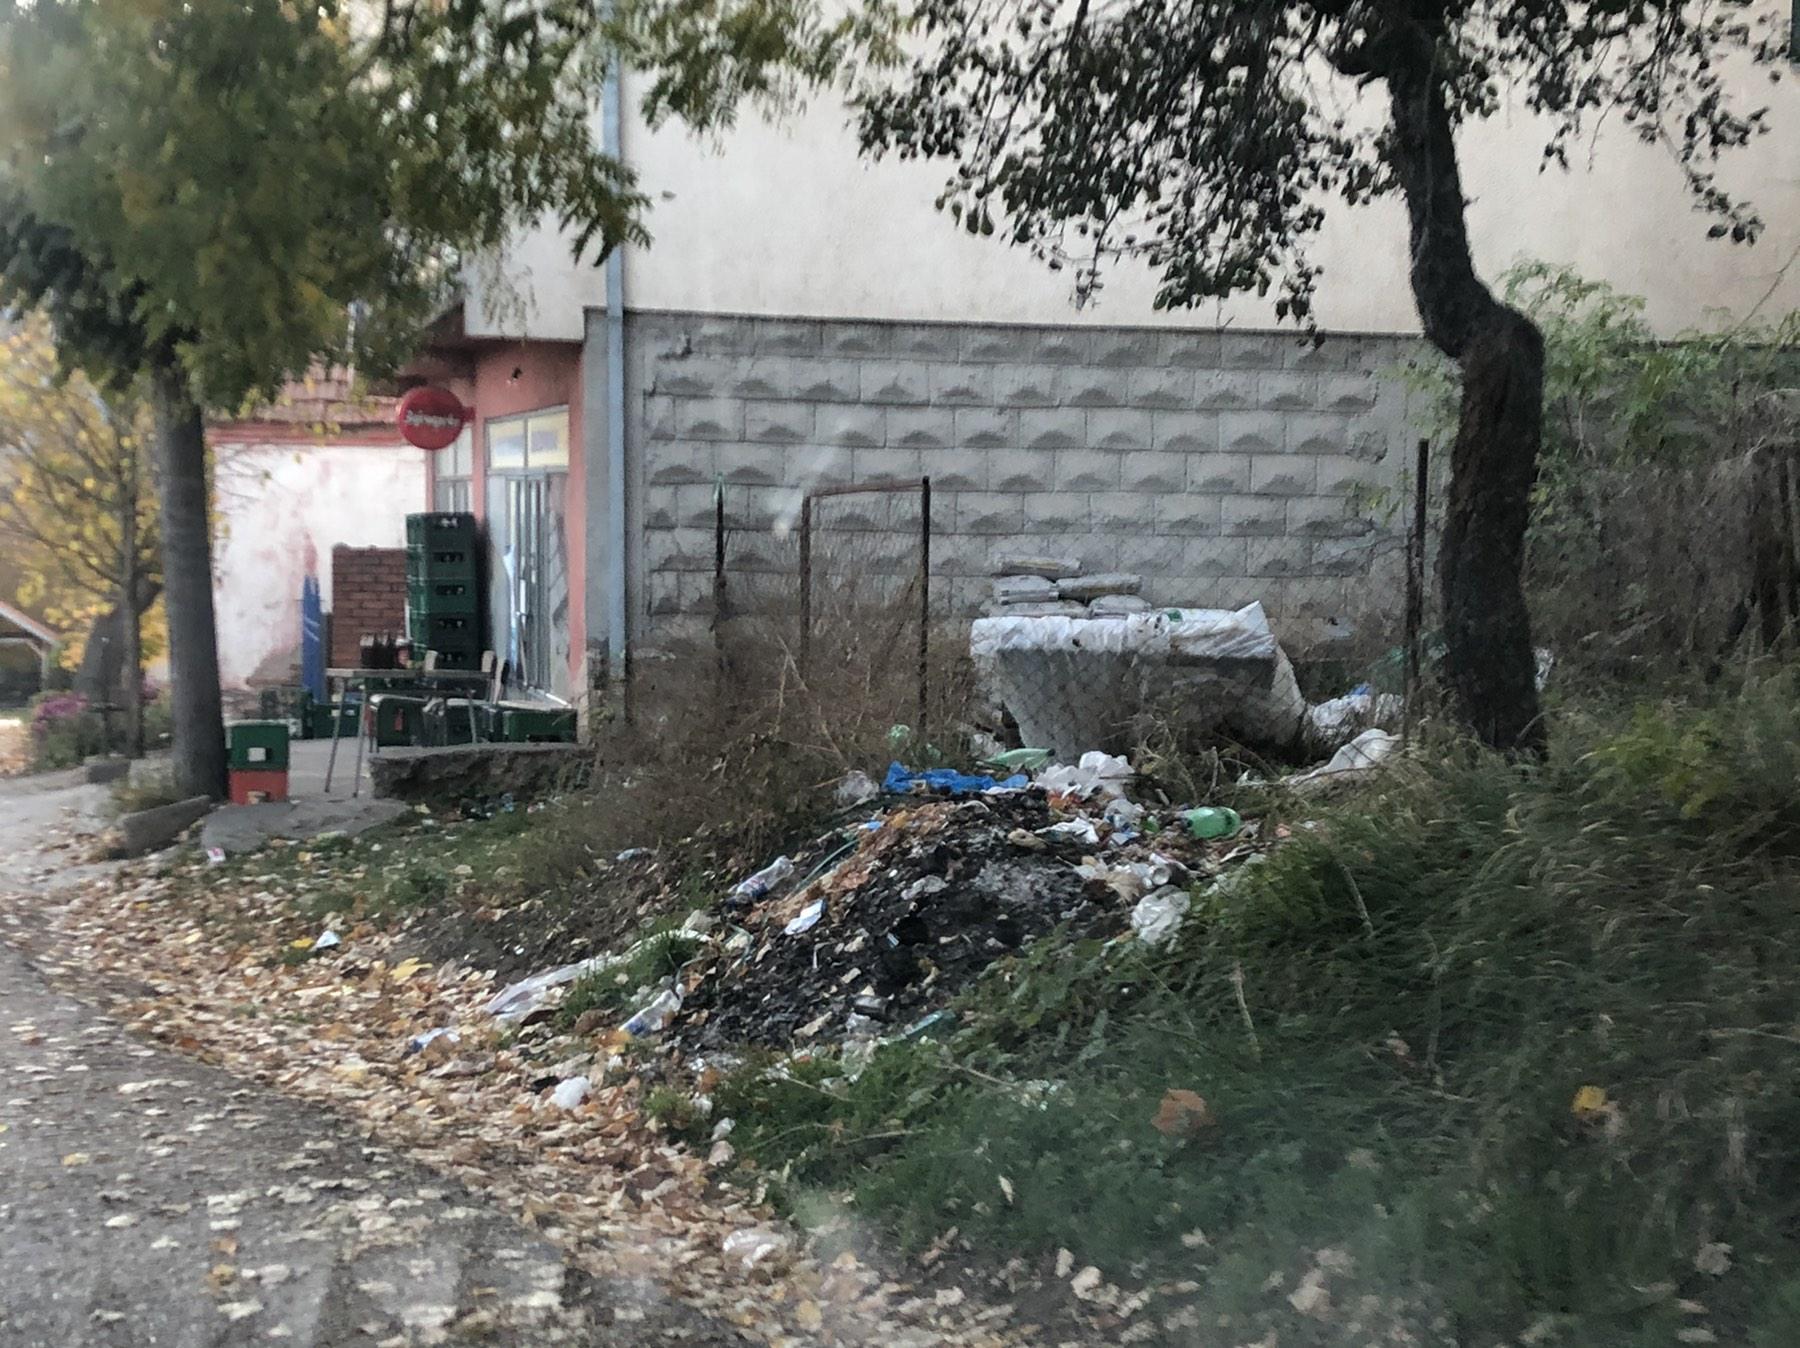 Deponija u samom selu Guševac, foto: D.M.